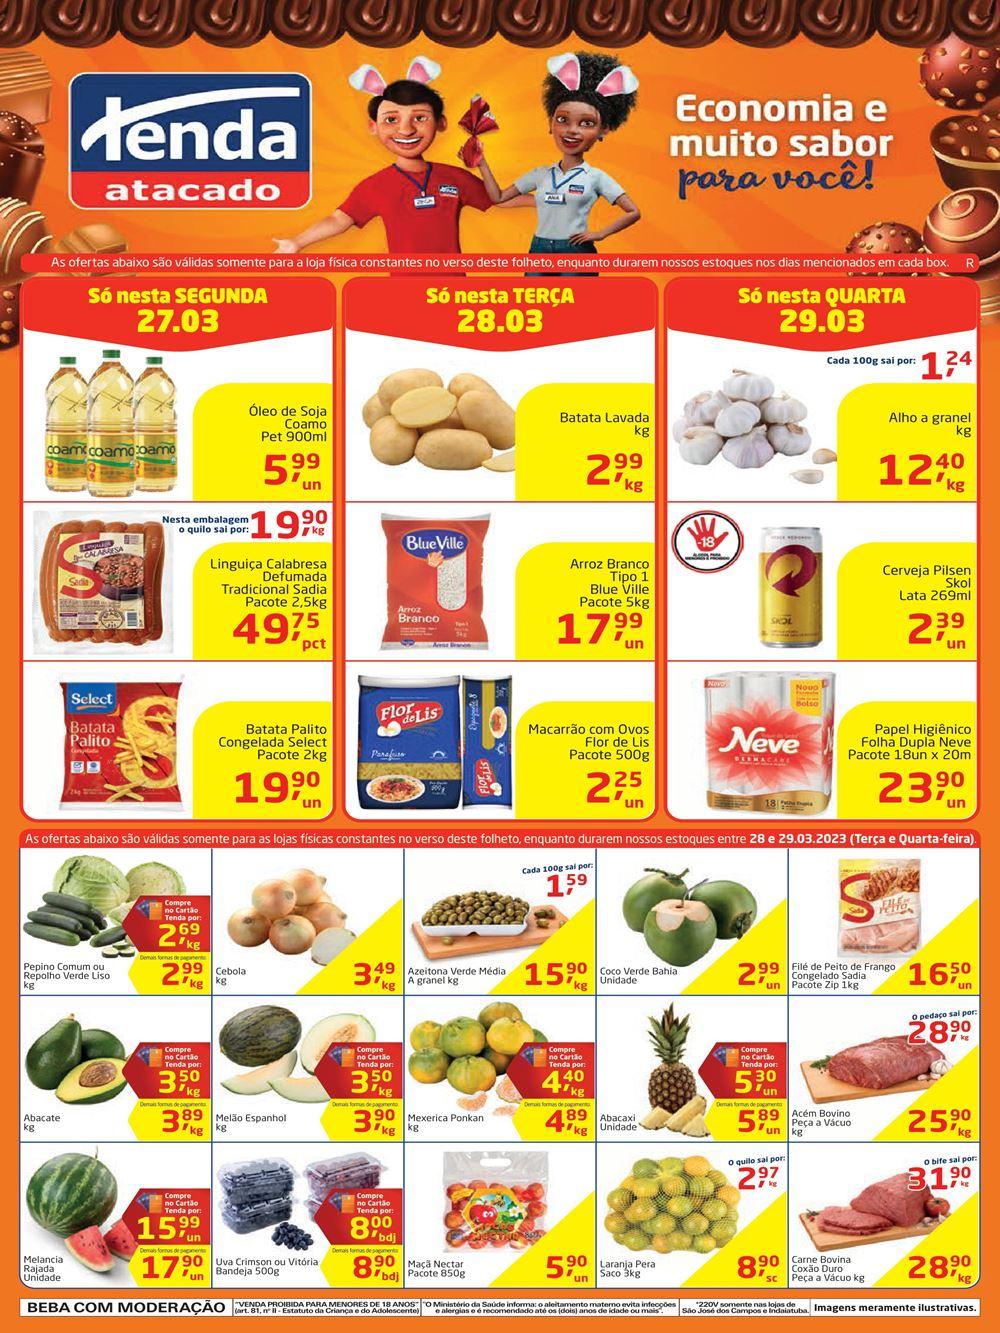 tenda-ofertas-descontos-hoje1-24 Ofertas de supermercados